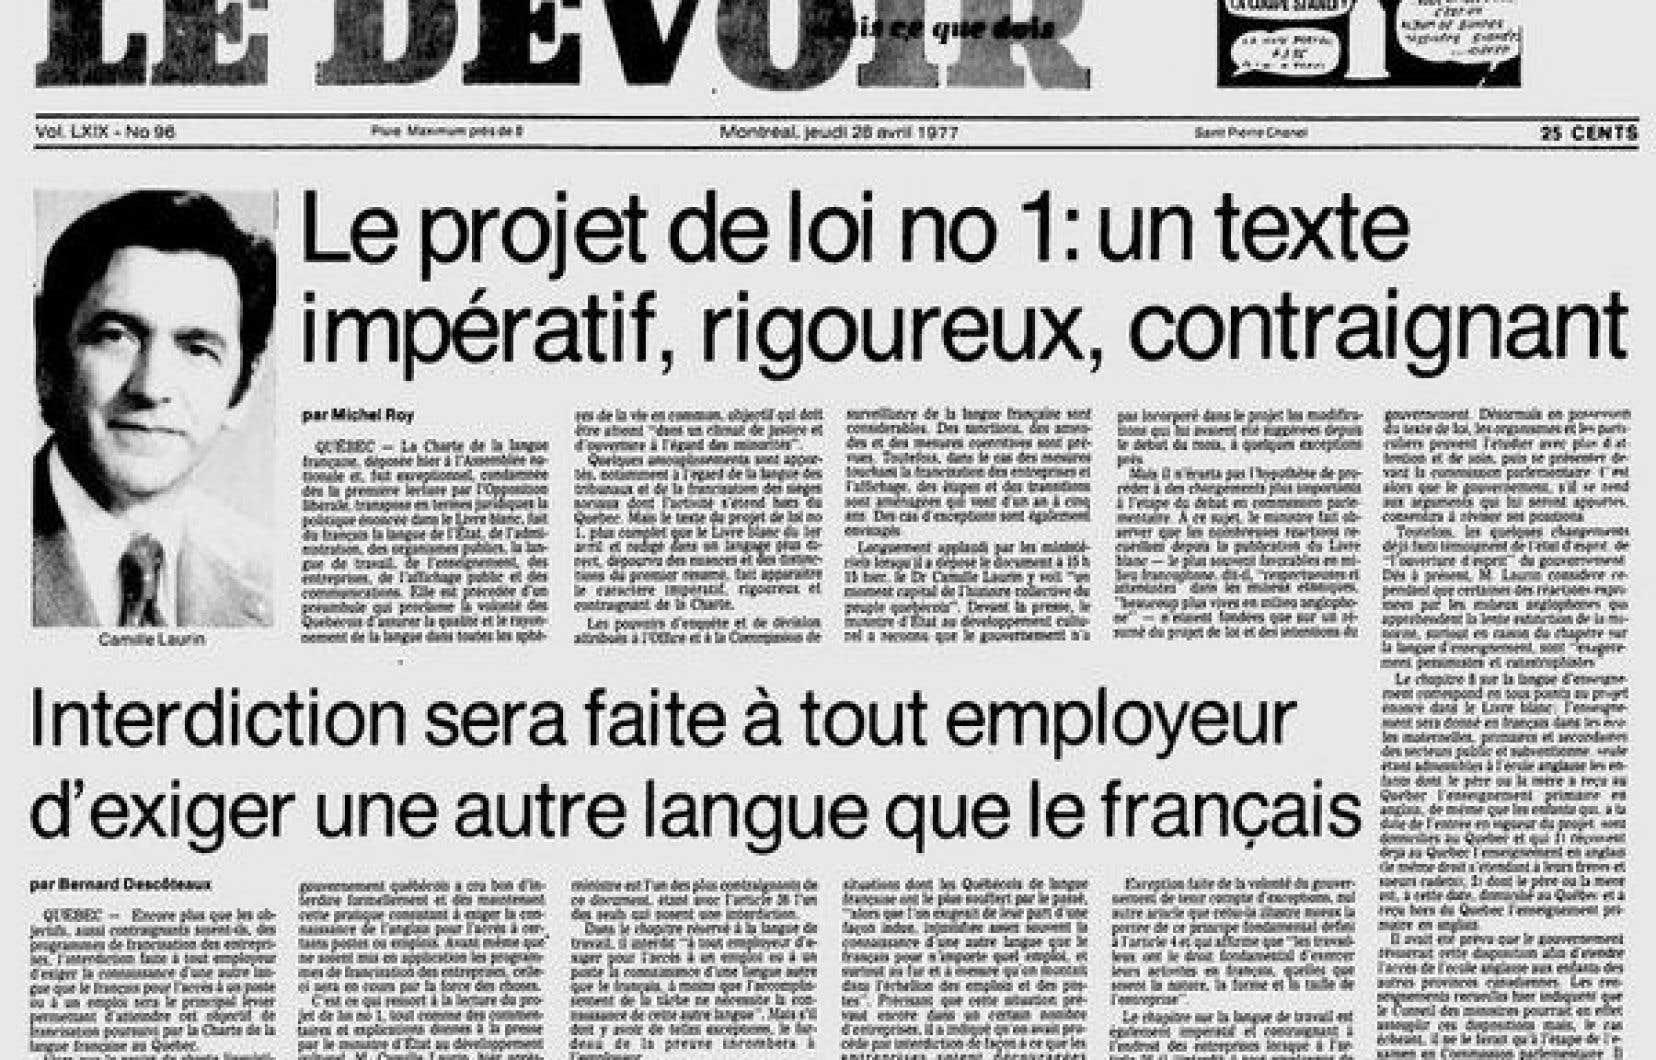 <p>La Charte de la langue française est adoptée le 26août 1977 par 54 voix contre 32.</p>